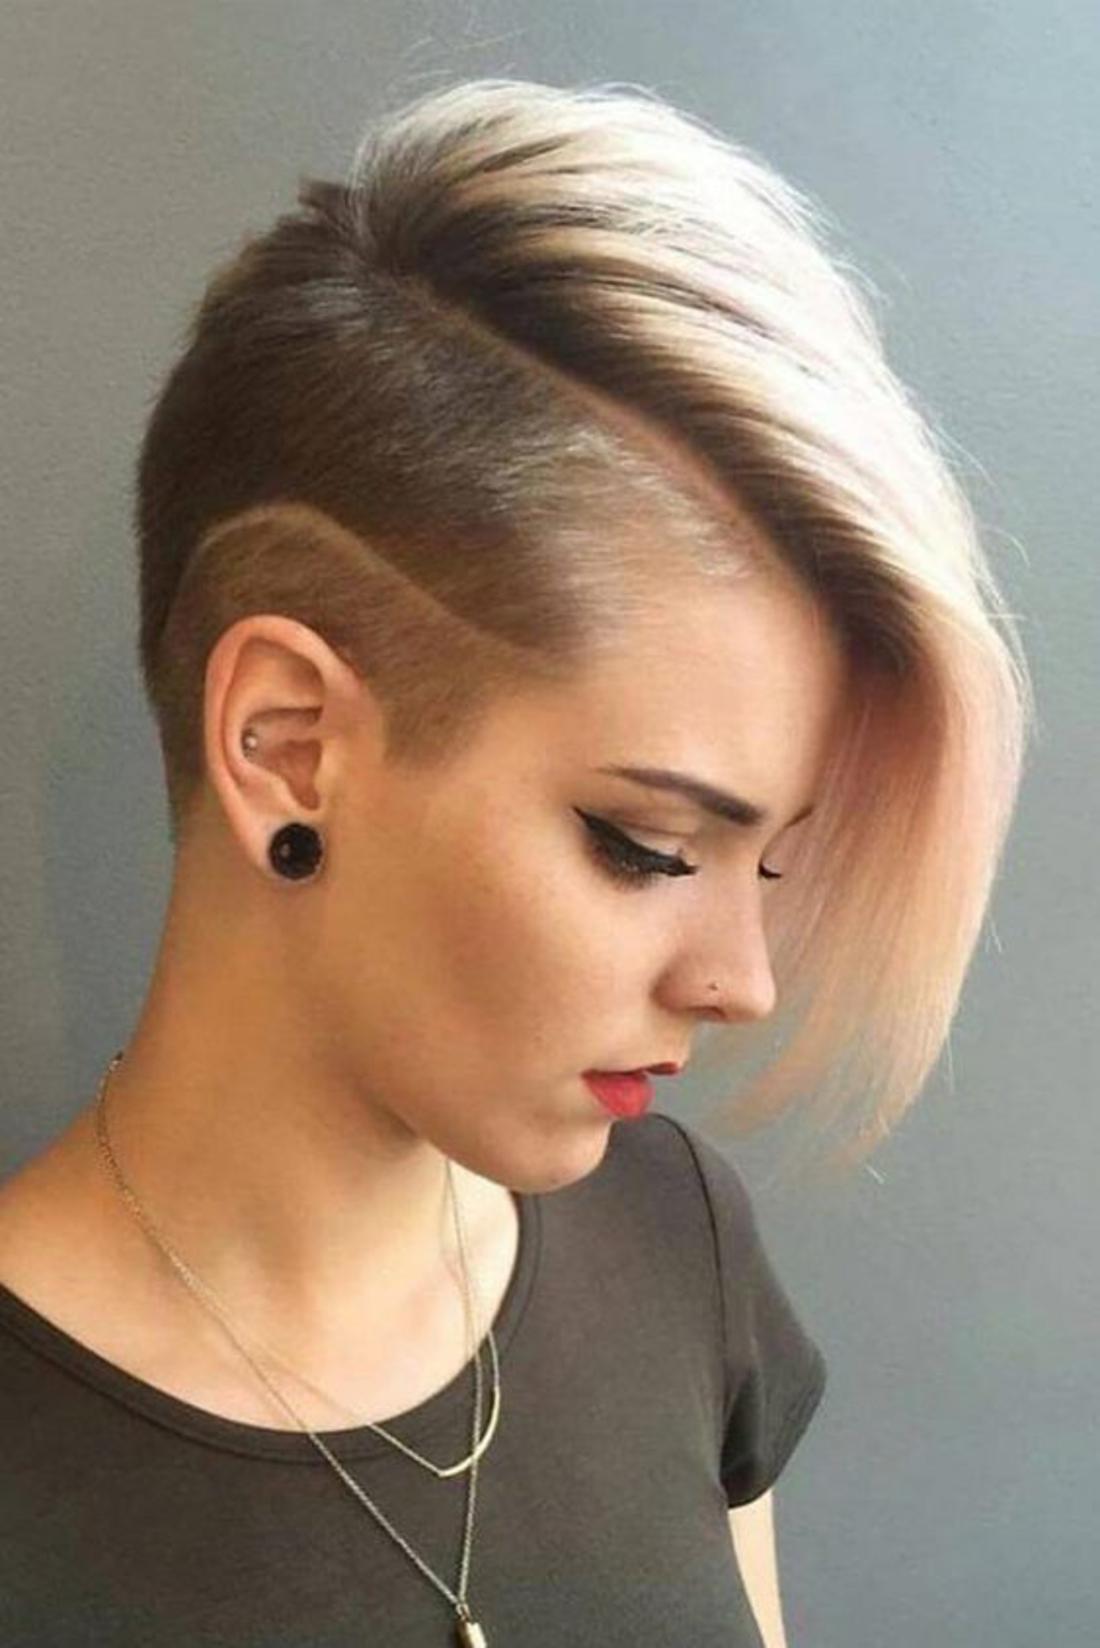 eine gebrochene rasierte Linie, schwarze und blonde Haare, roter Lippenstift Kurzhaar Undercut